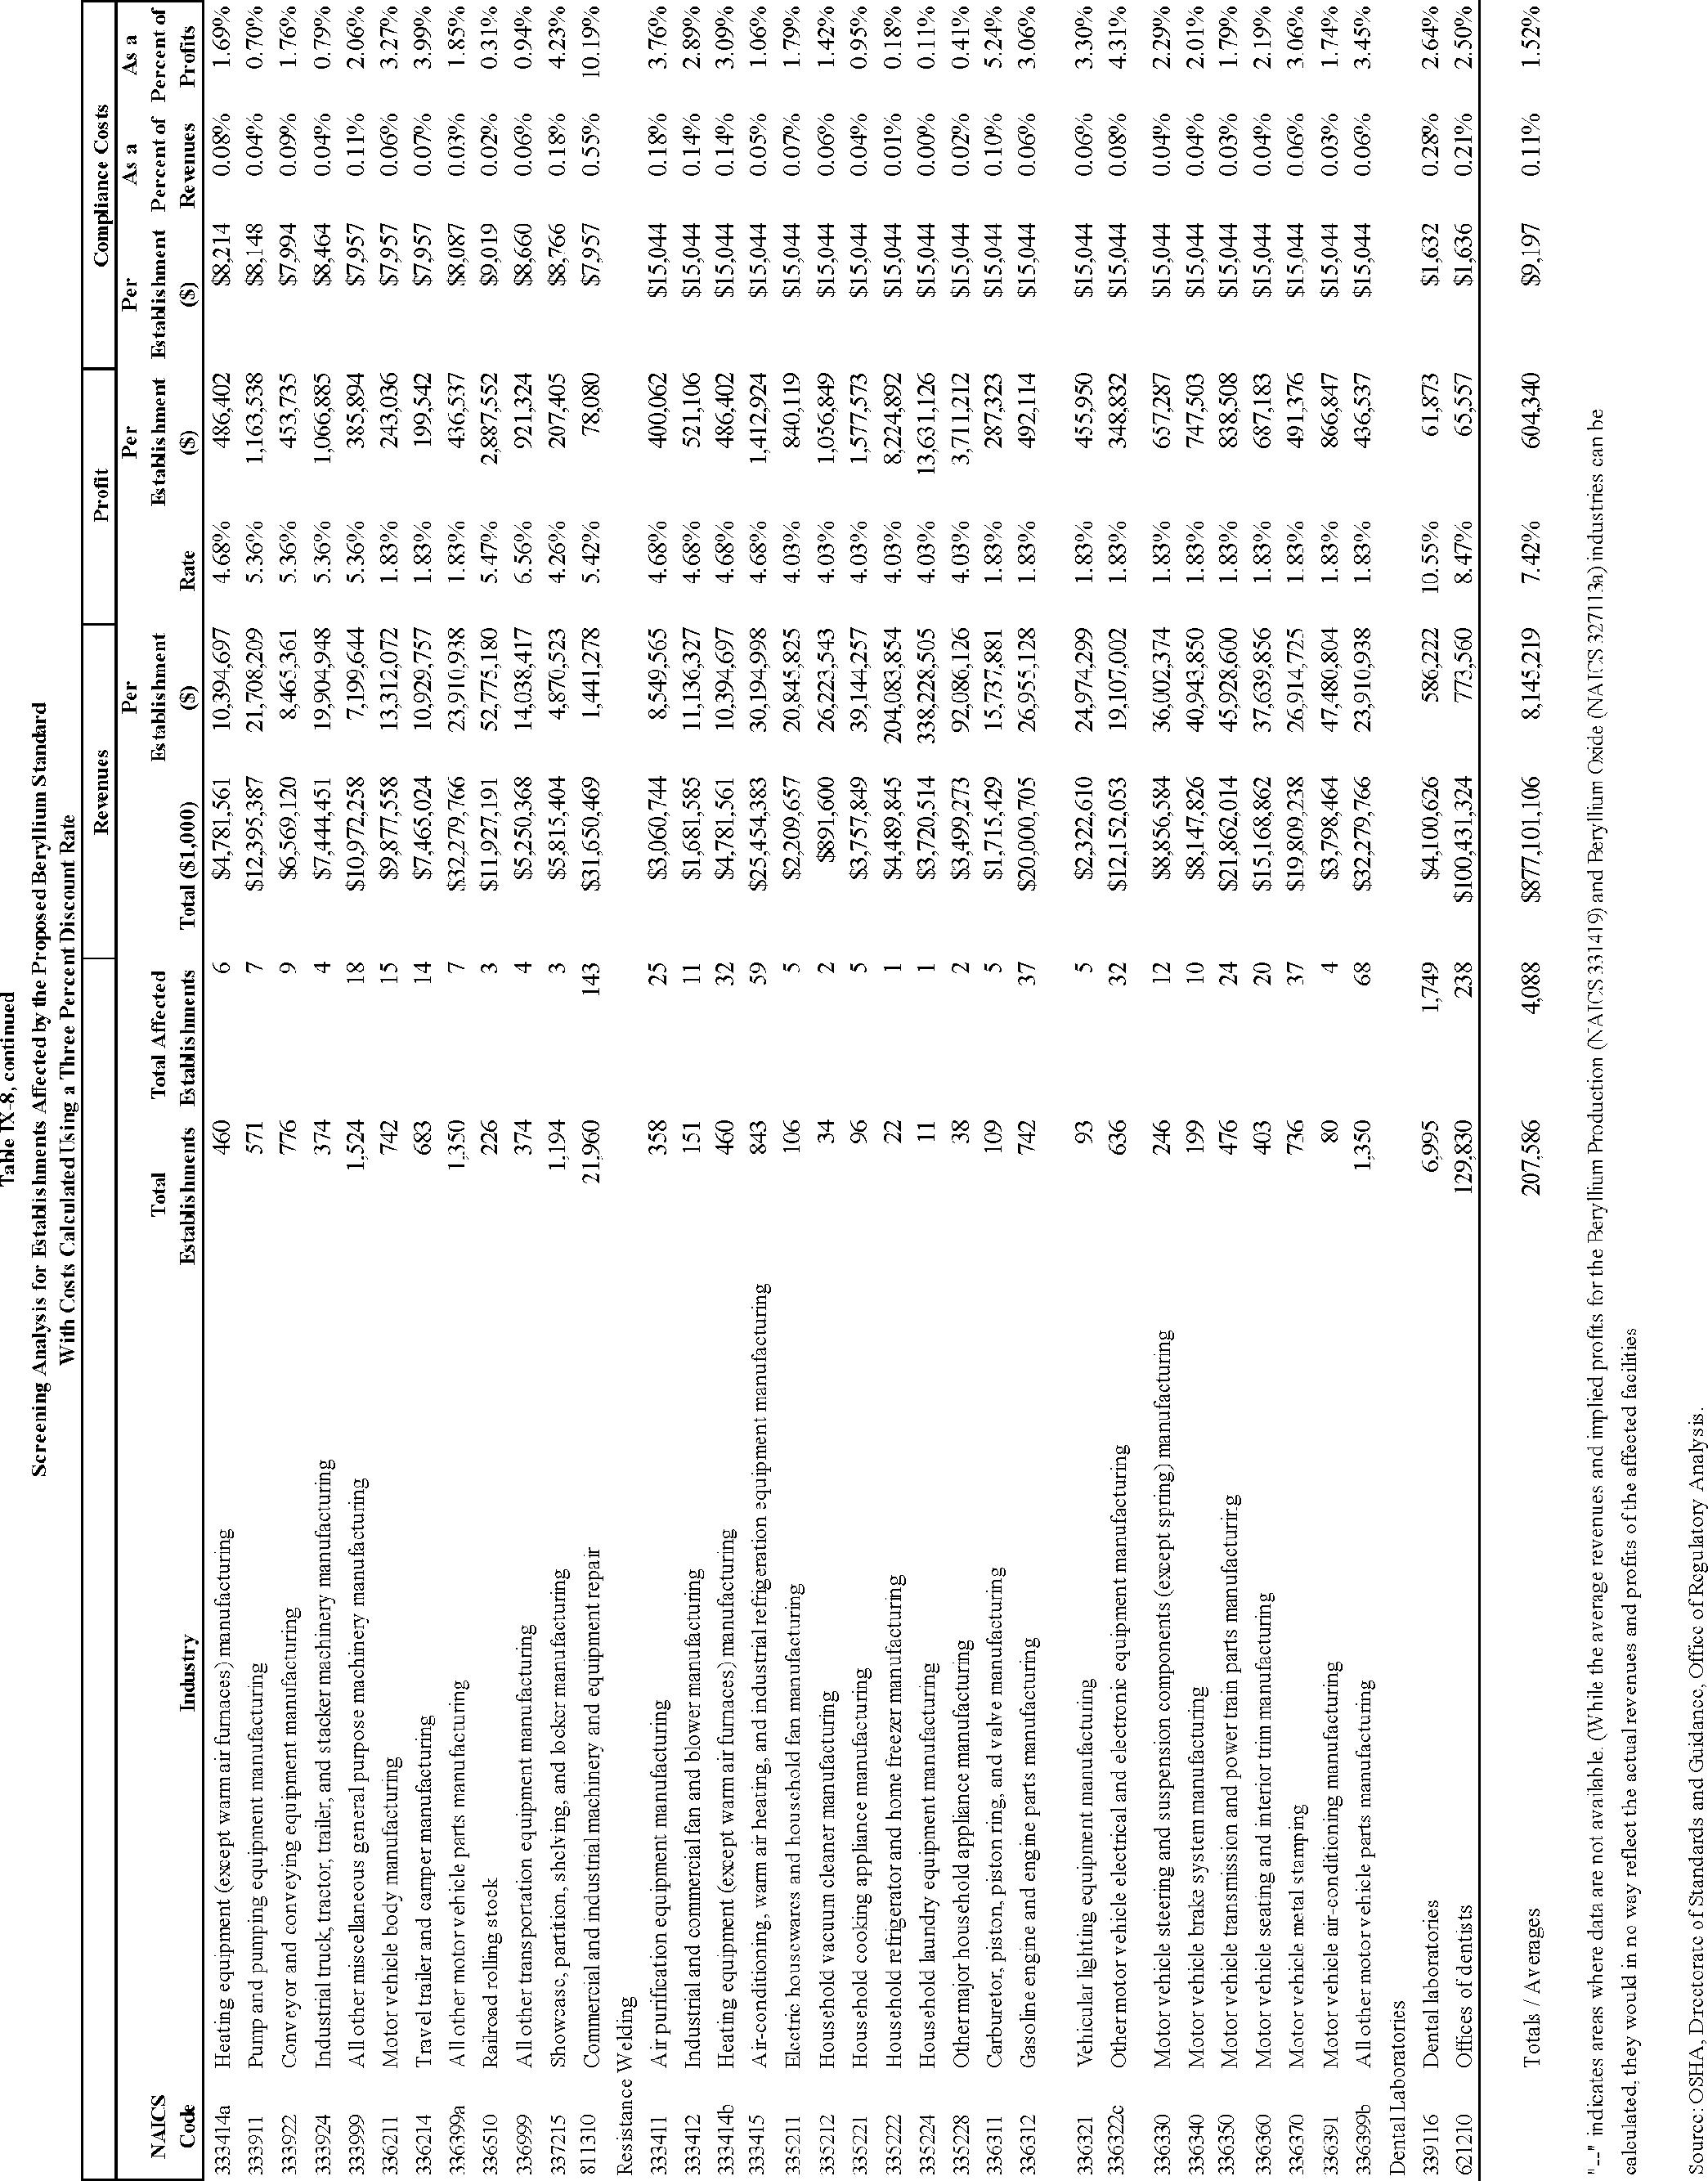 Federal Register Occupational Exposure To Beryllium And Beryllium